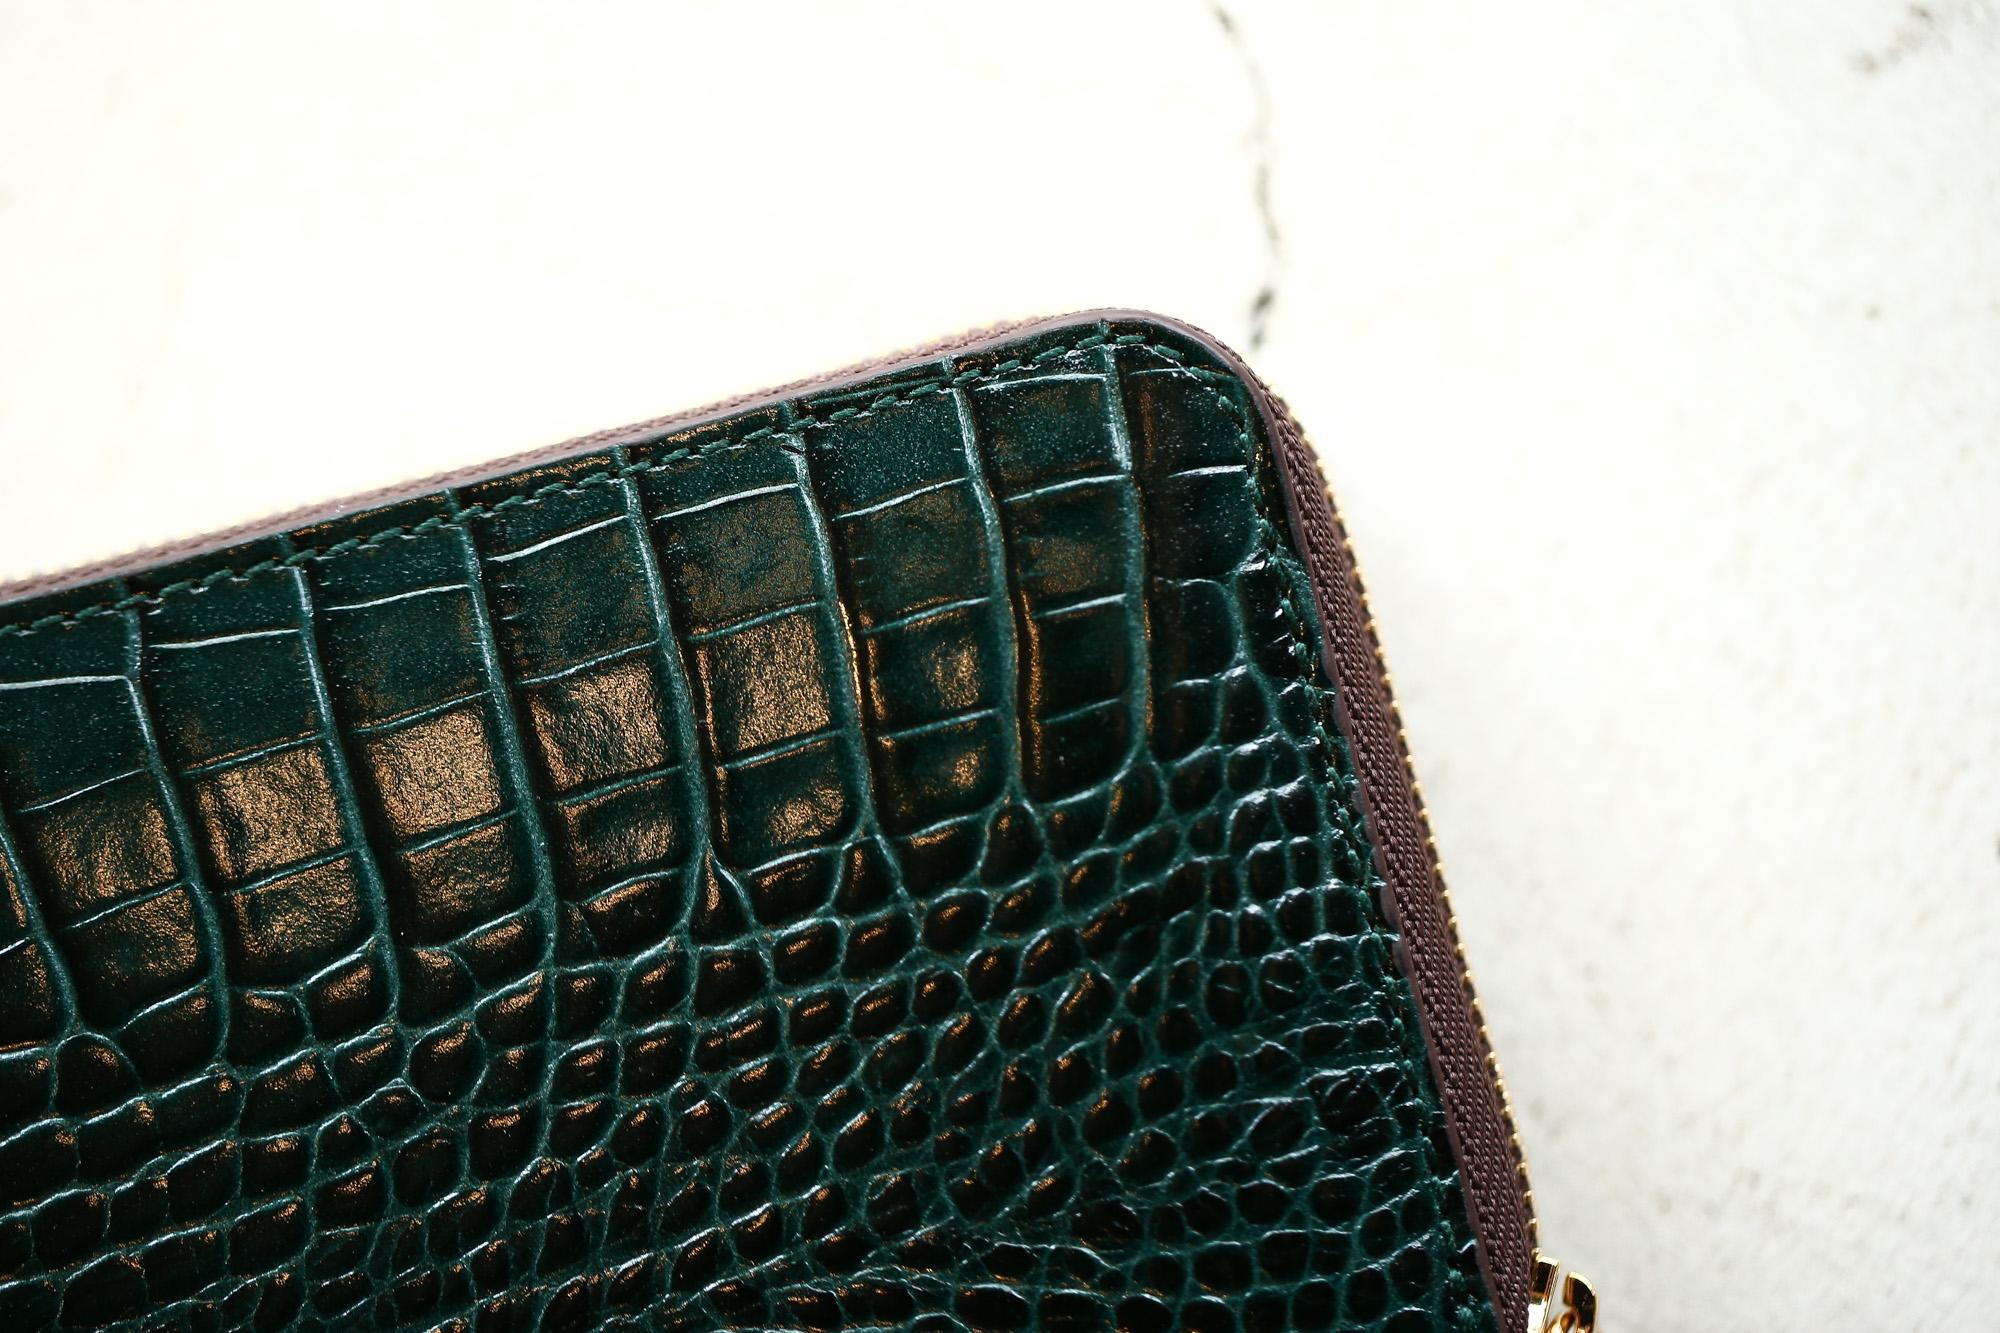 J&M DAVIDSON (ジェイアンドエムデヴィッドソン) SMALL ZIP PURSE (スモール ジップ パース) 7444 SMALL MOCK CROC (クロコダイル型押し) 折財布 ショートウォレット BOTTLE GREEN / NIGTH (ボトルグリーン / ナイト・4800) Made in spain (スペイン製) 2017 秋冬新作 jandmdavidosn smallzippurse サイフ ウォレット ジェイエムデヴィッドソン 愛知 名古屋 Alto e Diritto アルト エ デリット